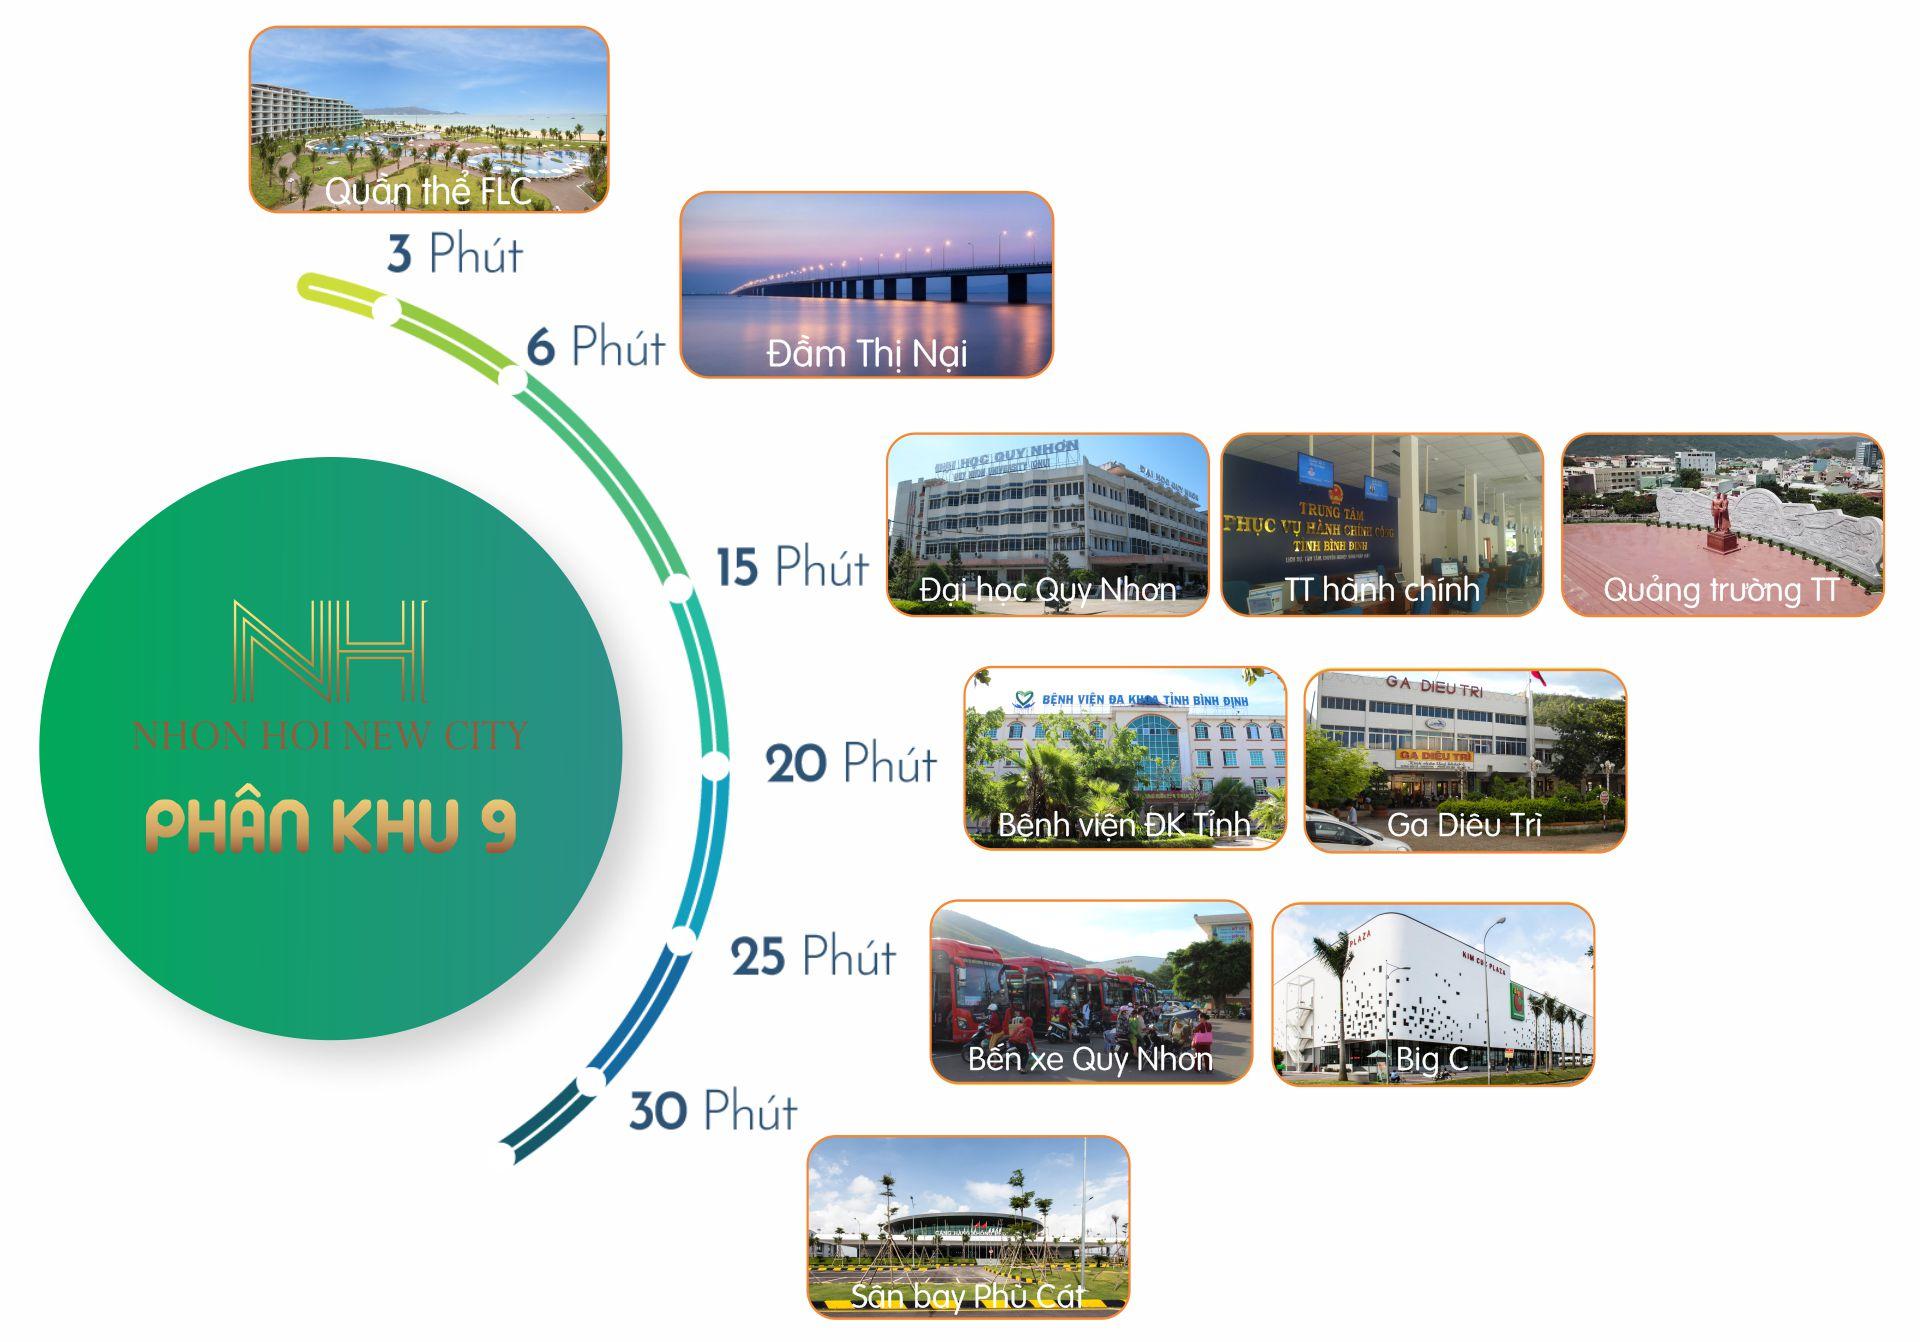 liên kết nội, ngoại khu phân khu 9 nhơn hội new city - kỳ co gateway